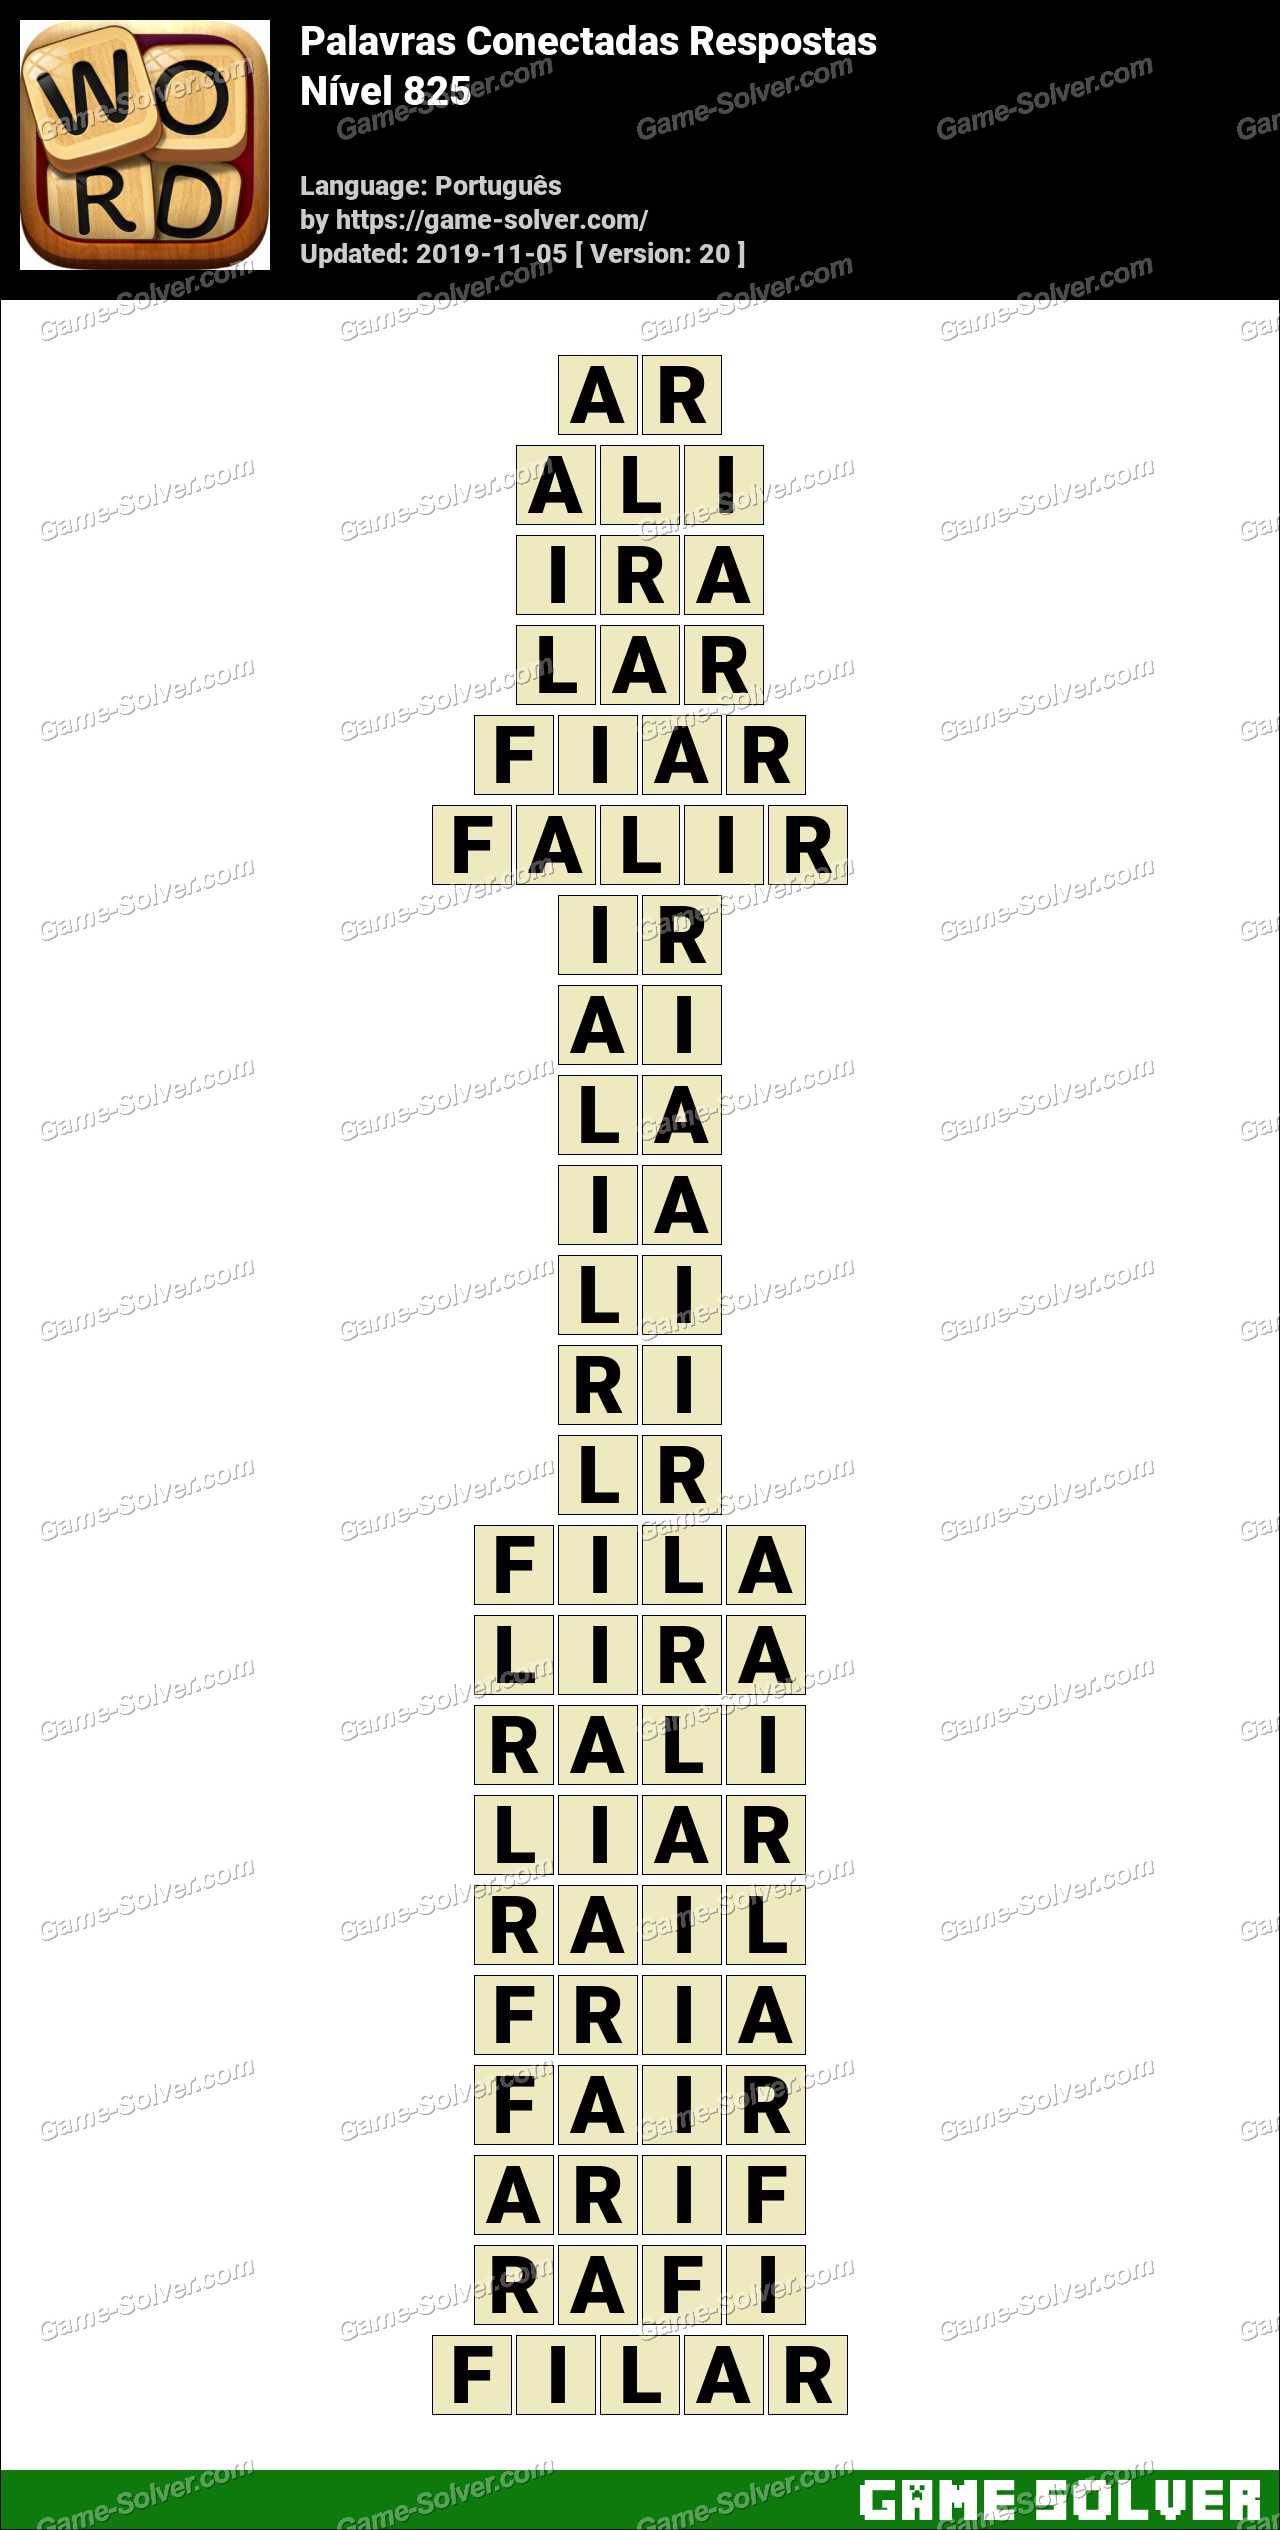 Palavras Conectadas Nivel 825 Respostas